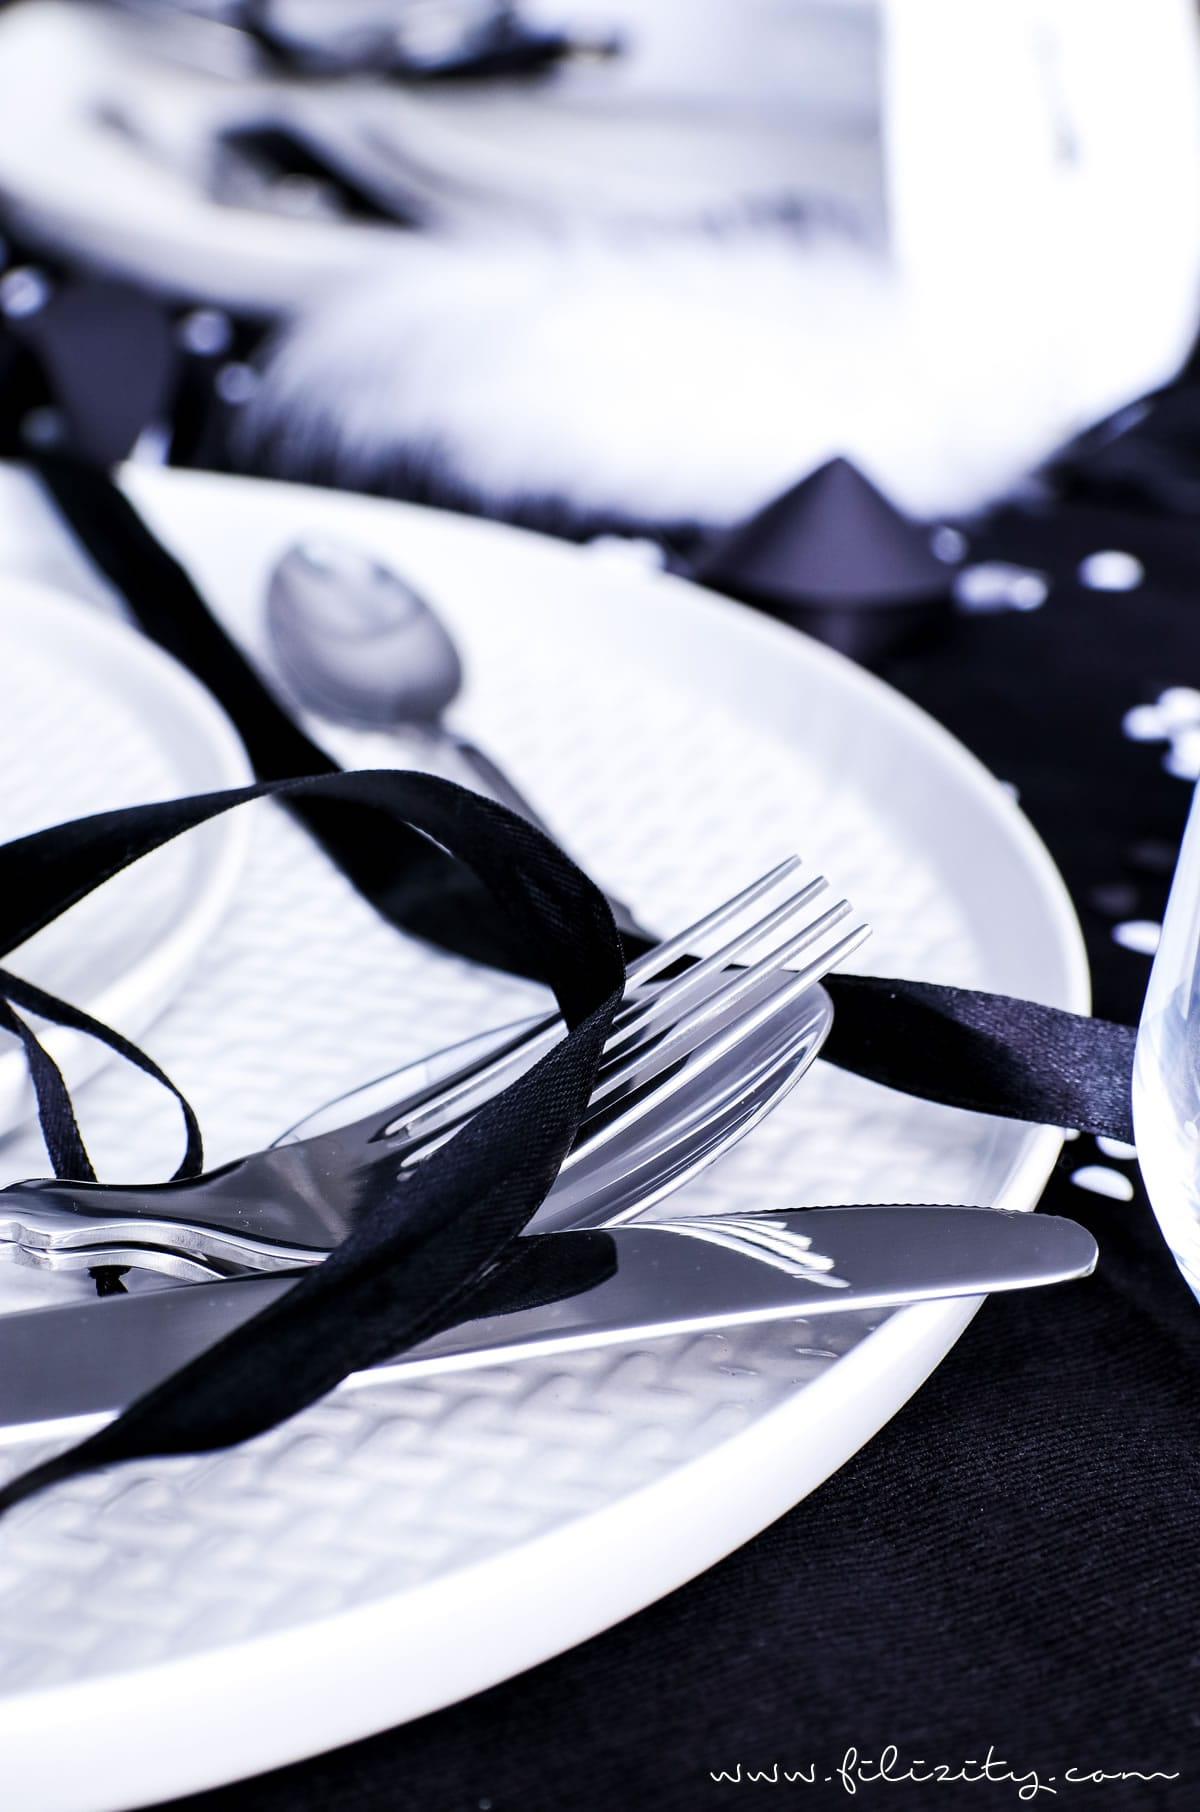 Let S Party Ideen Fur Eine Festliche Party Tischdeko Fur Silvester Glamourose Deko Stilvolles Geschirr Besteck Und Kleine Geschenke Fur Deine Gaste Filizity Com